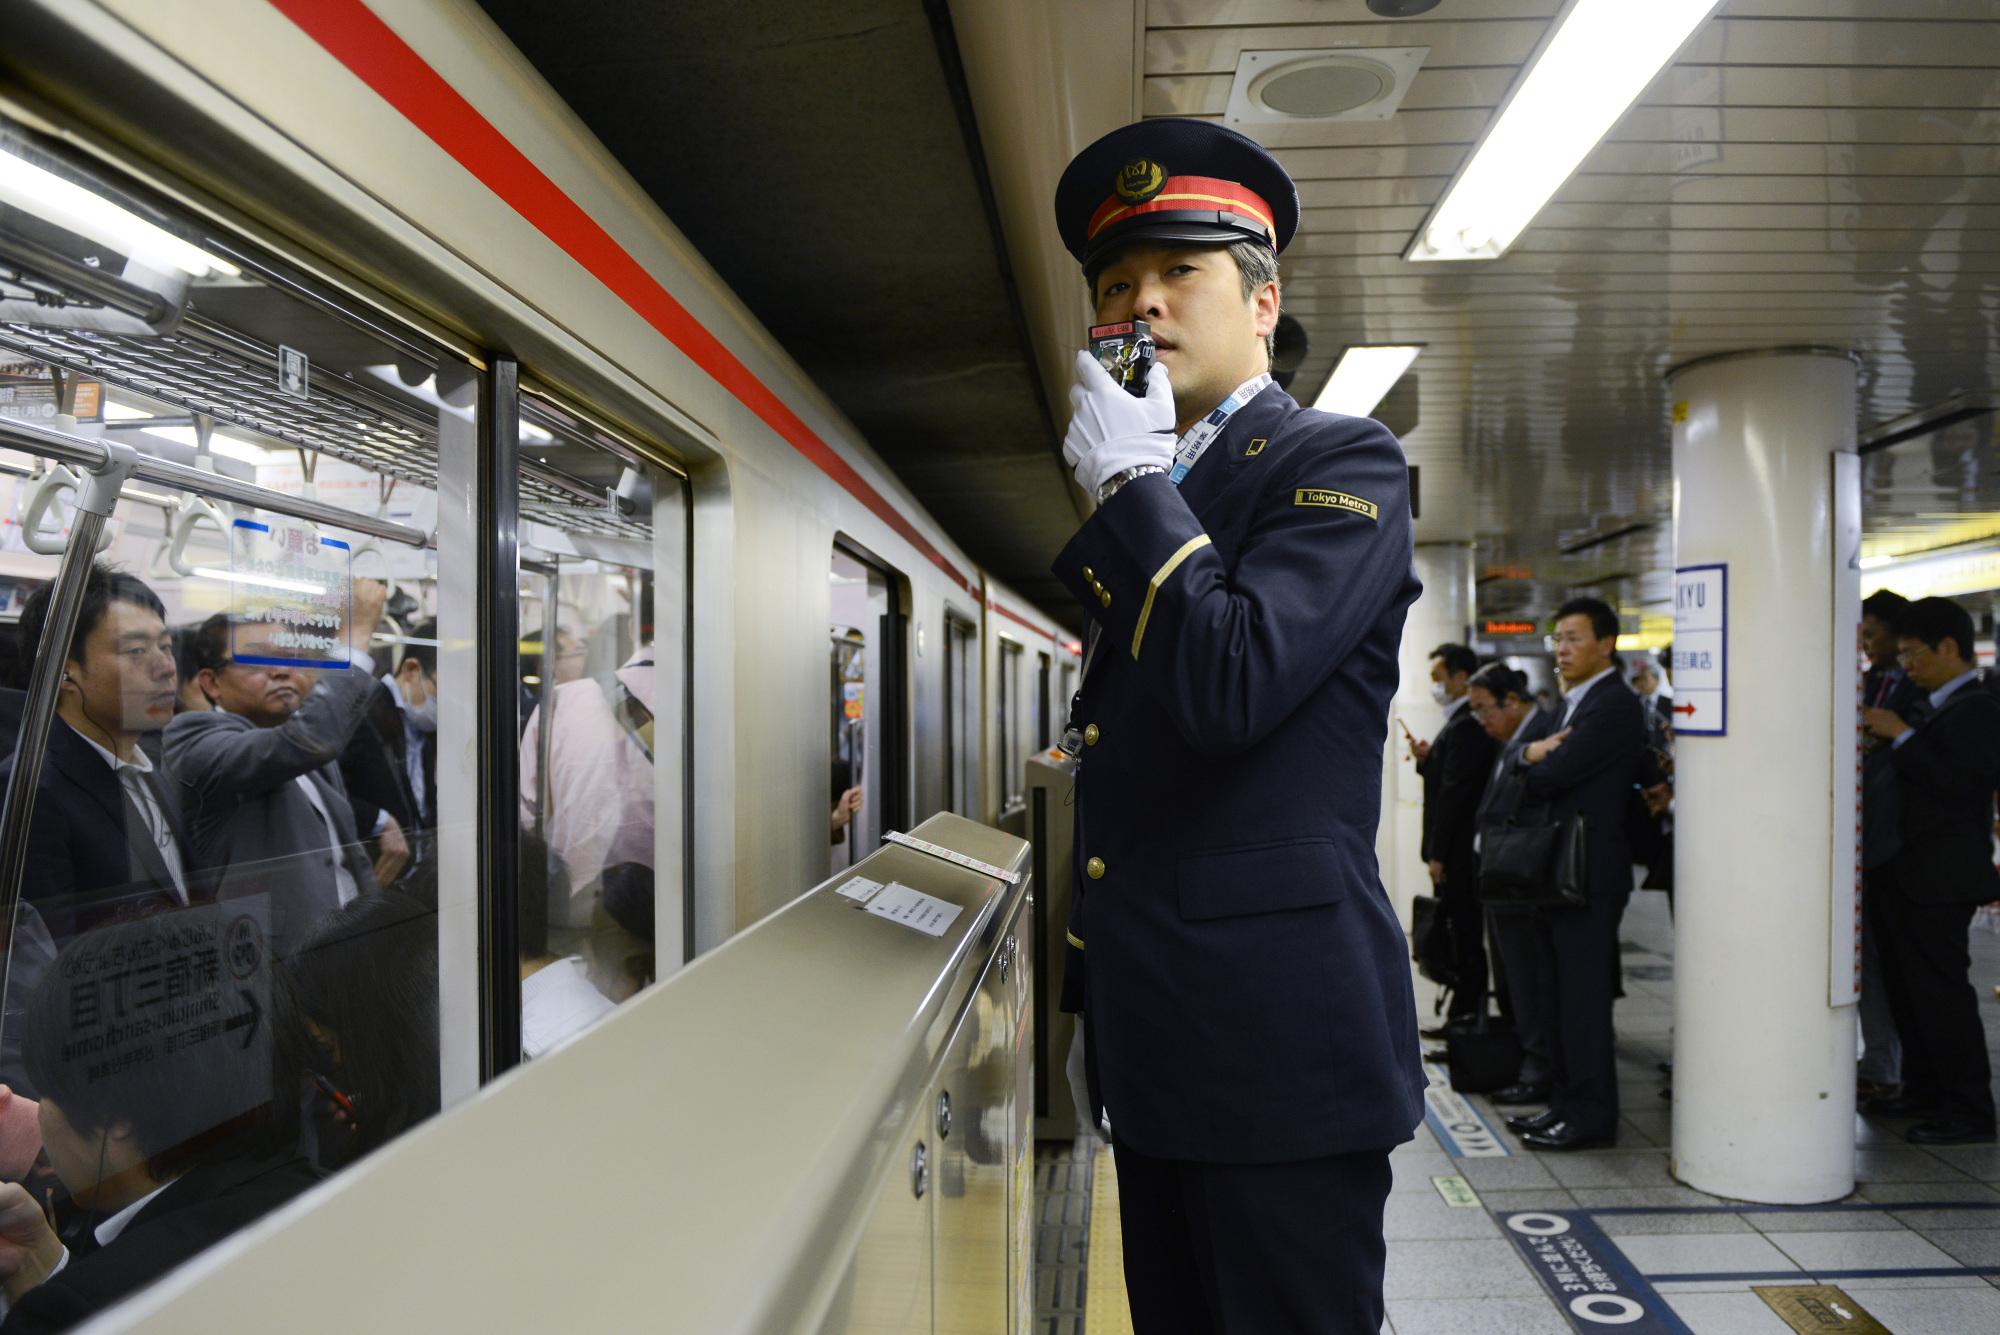 Húsz másodperccel indult hamarabb egy vonat Japánban